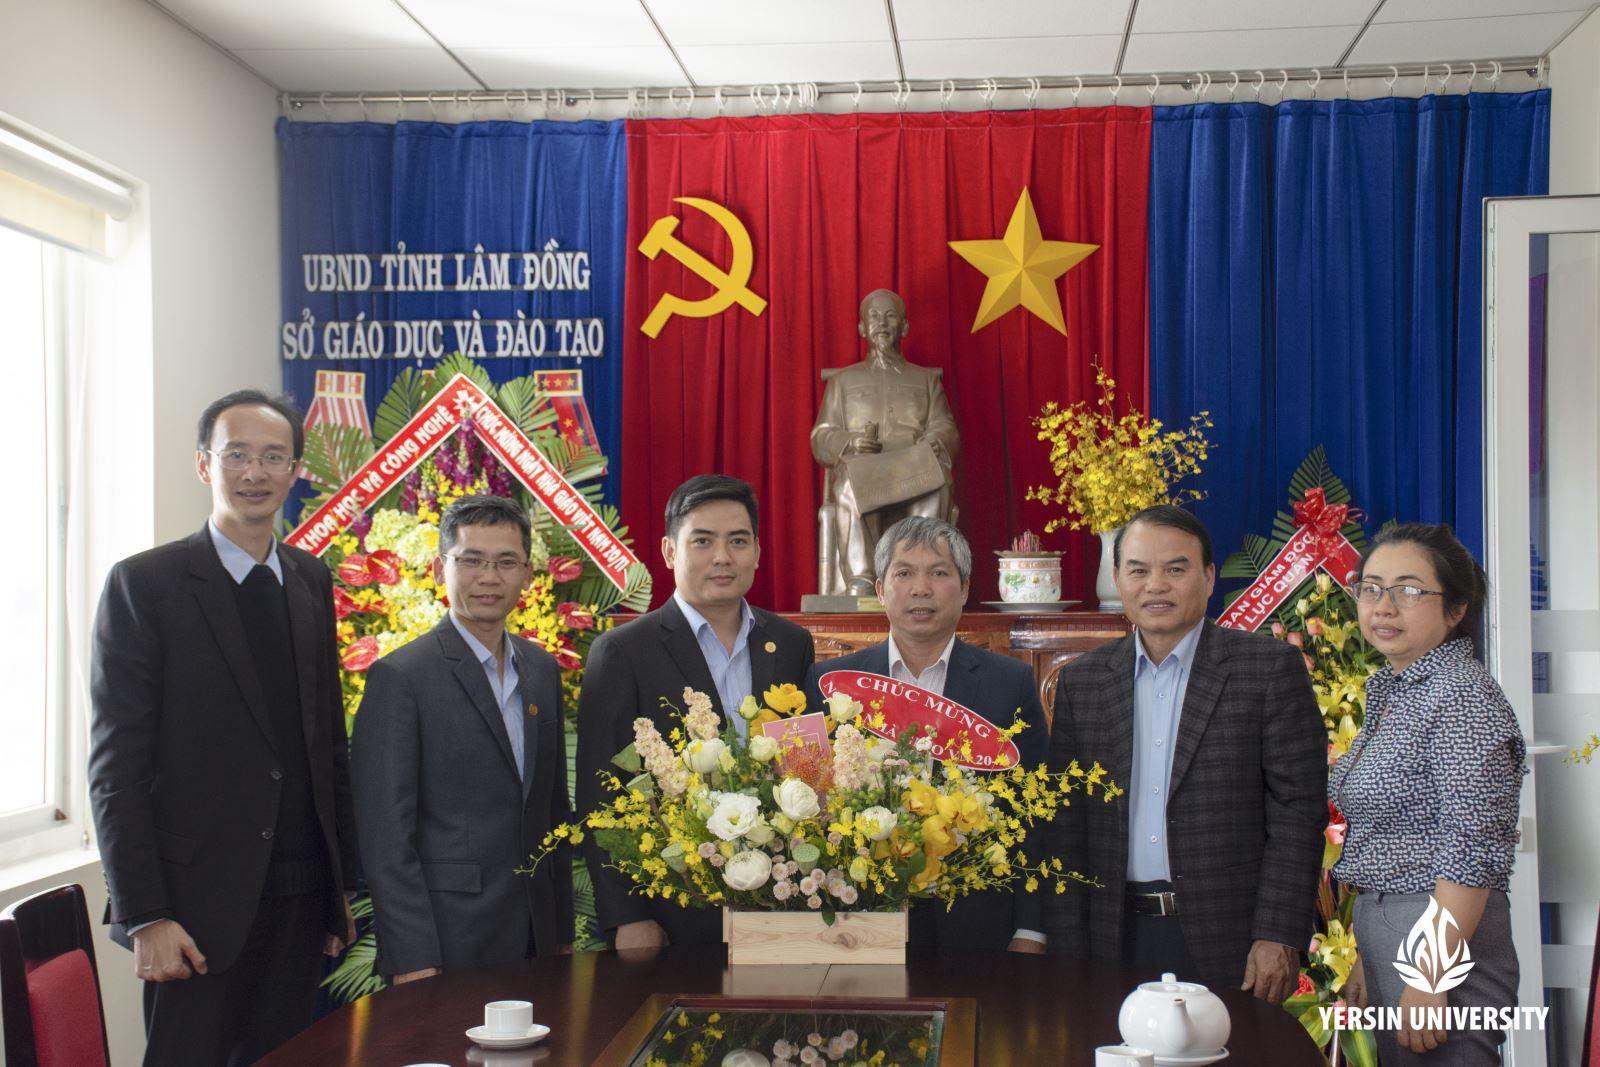 Lãnh đạo TTC Edu, Lãnh đạo Trường Đại học Yersin Đà Lạt đến thăm và chúc mừng Sở Giáo dục & Đào tạo tỉnh Lâm Đồng